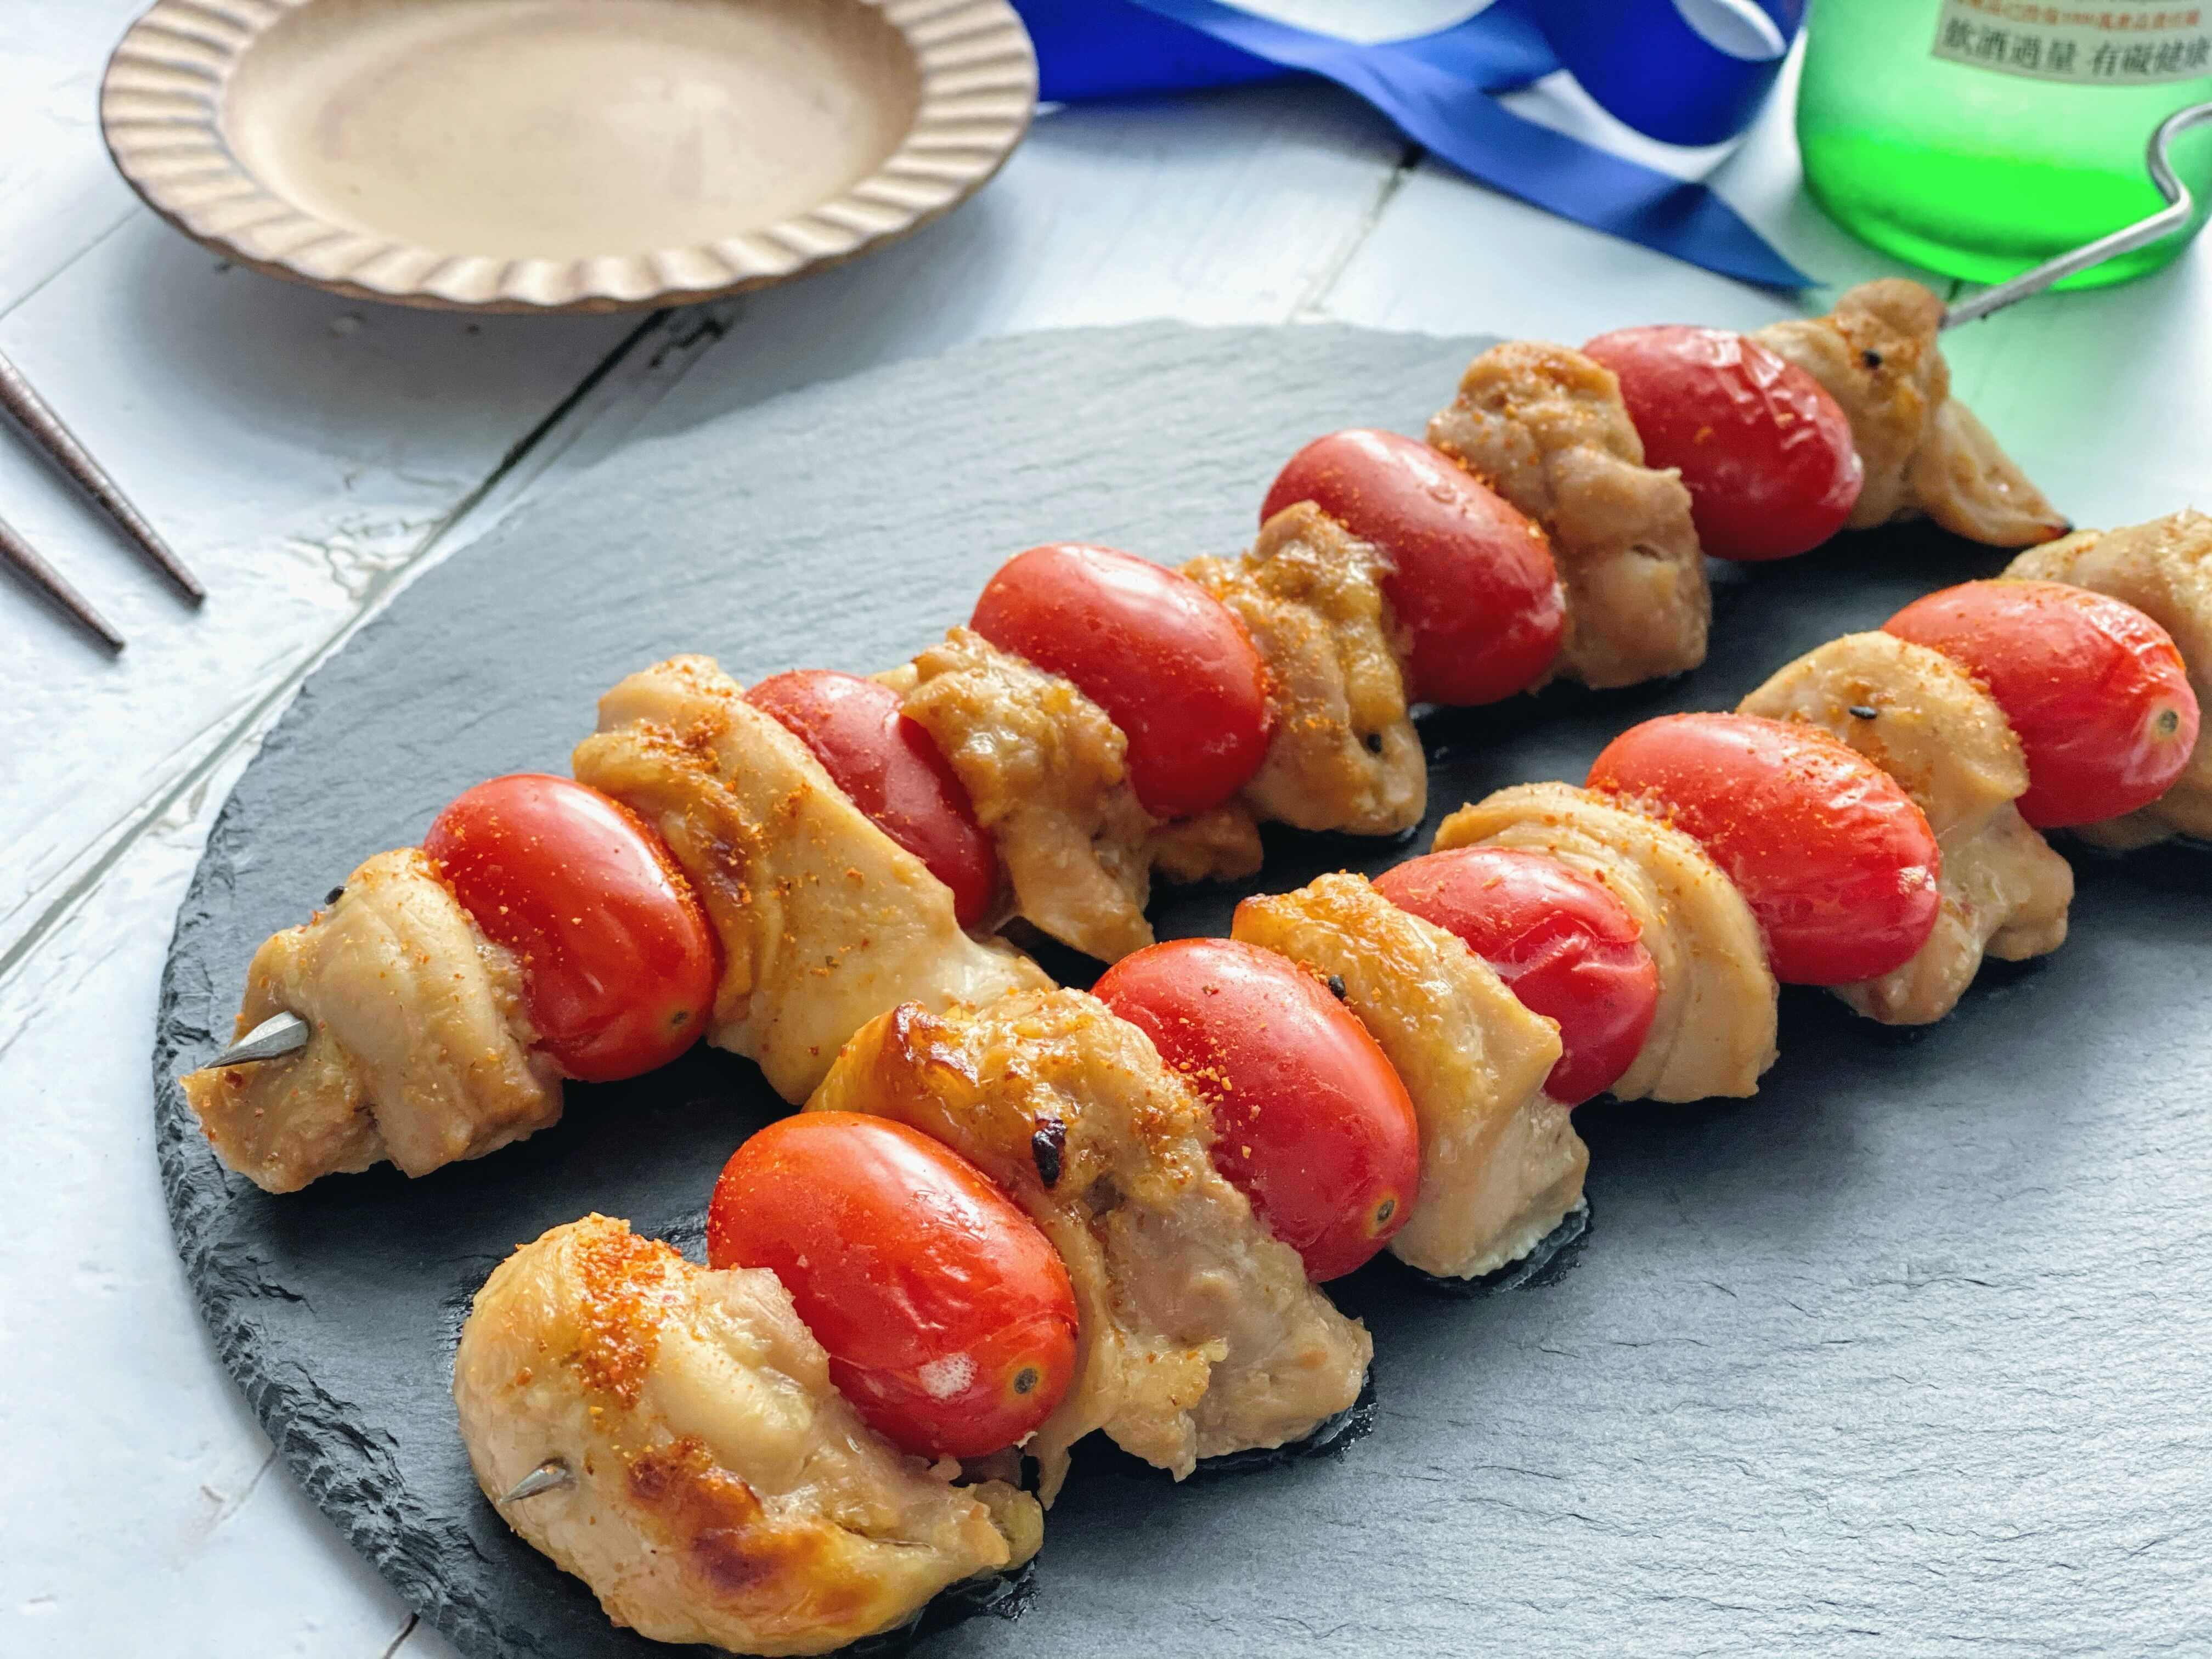 山葵味噌雞肉燒